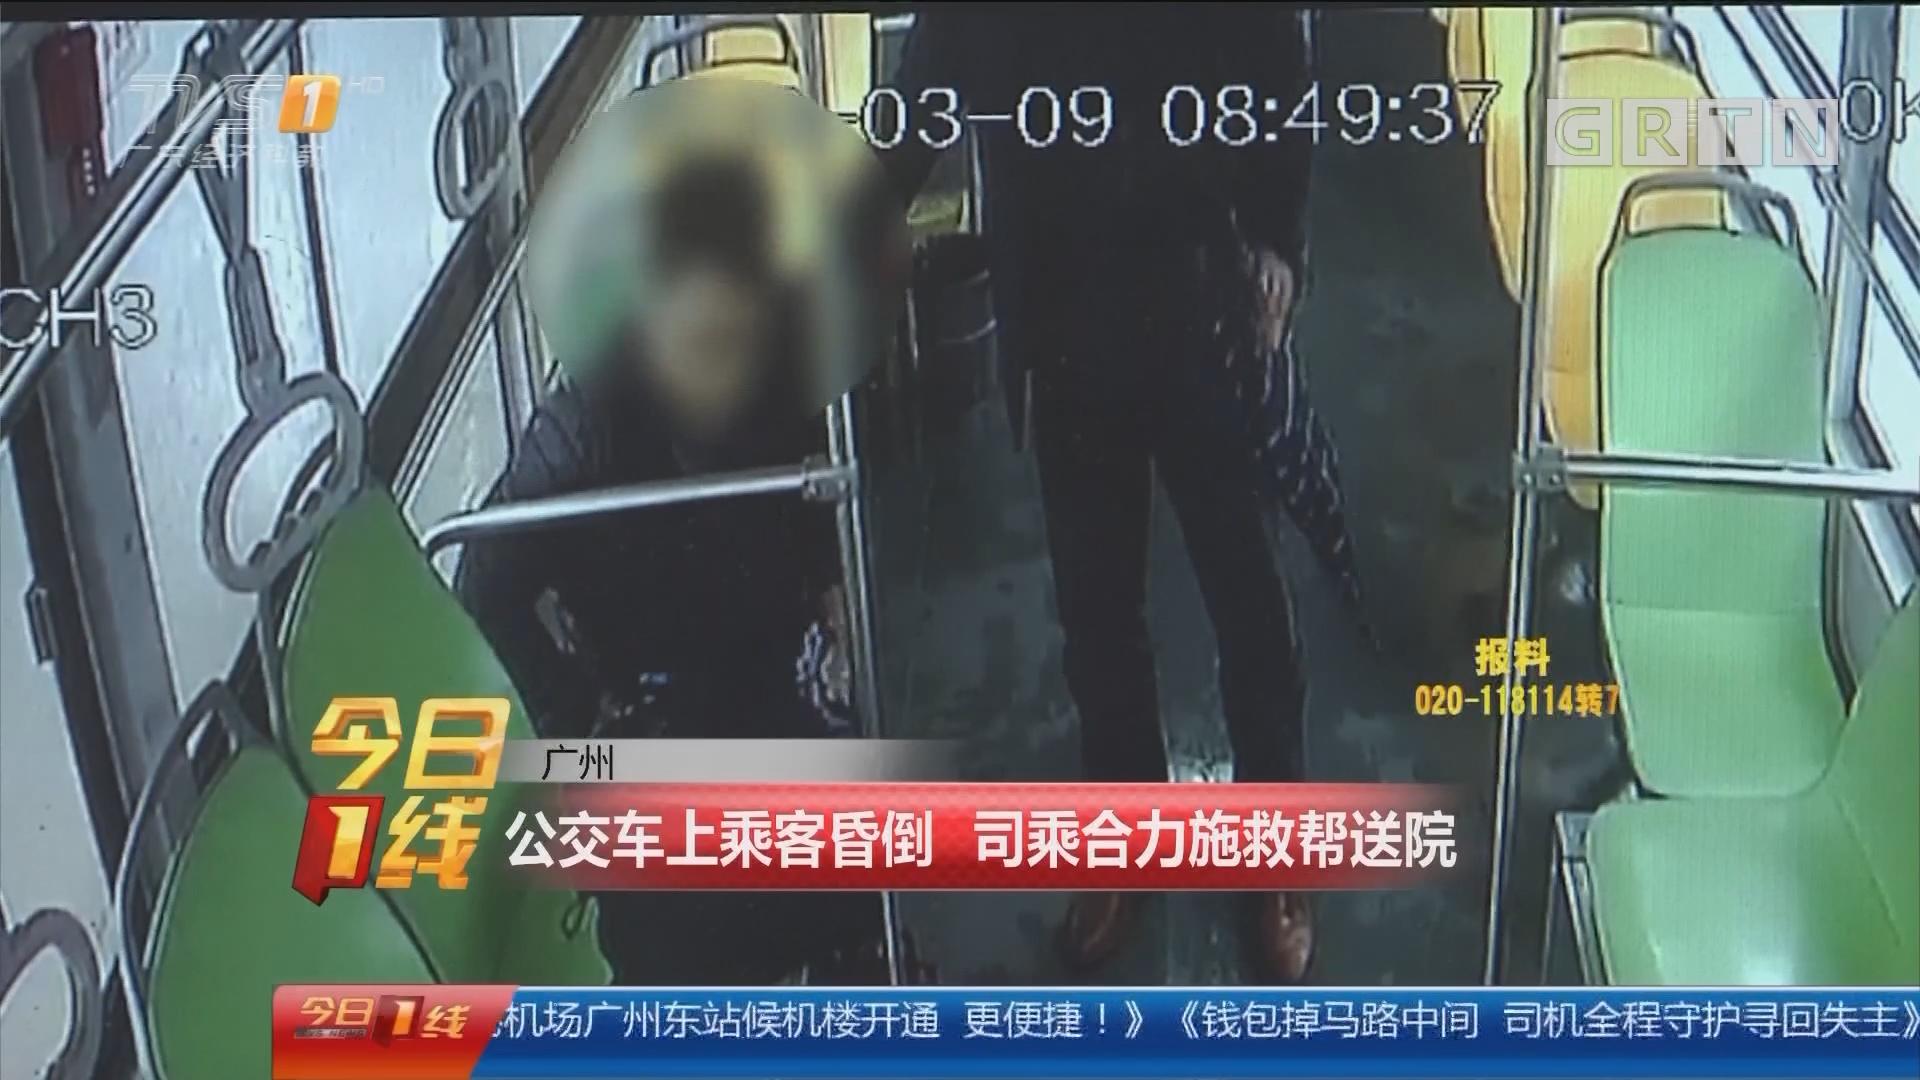 广州:公交车上乘客昏倒 司乘合力施救帮送院